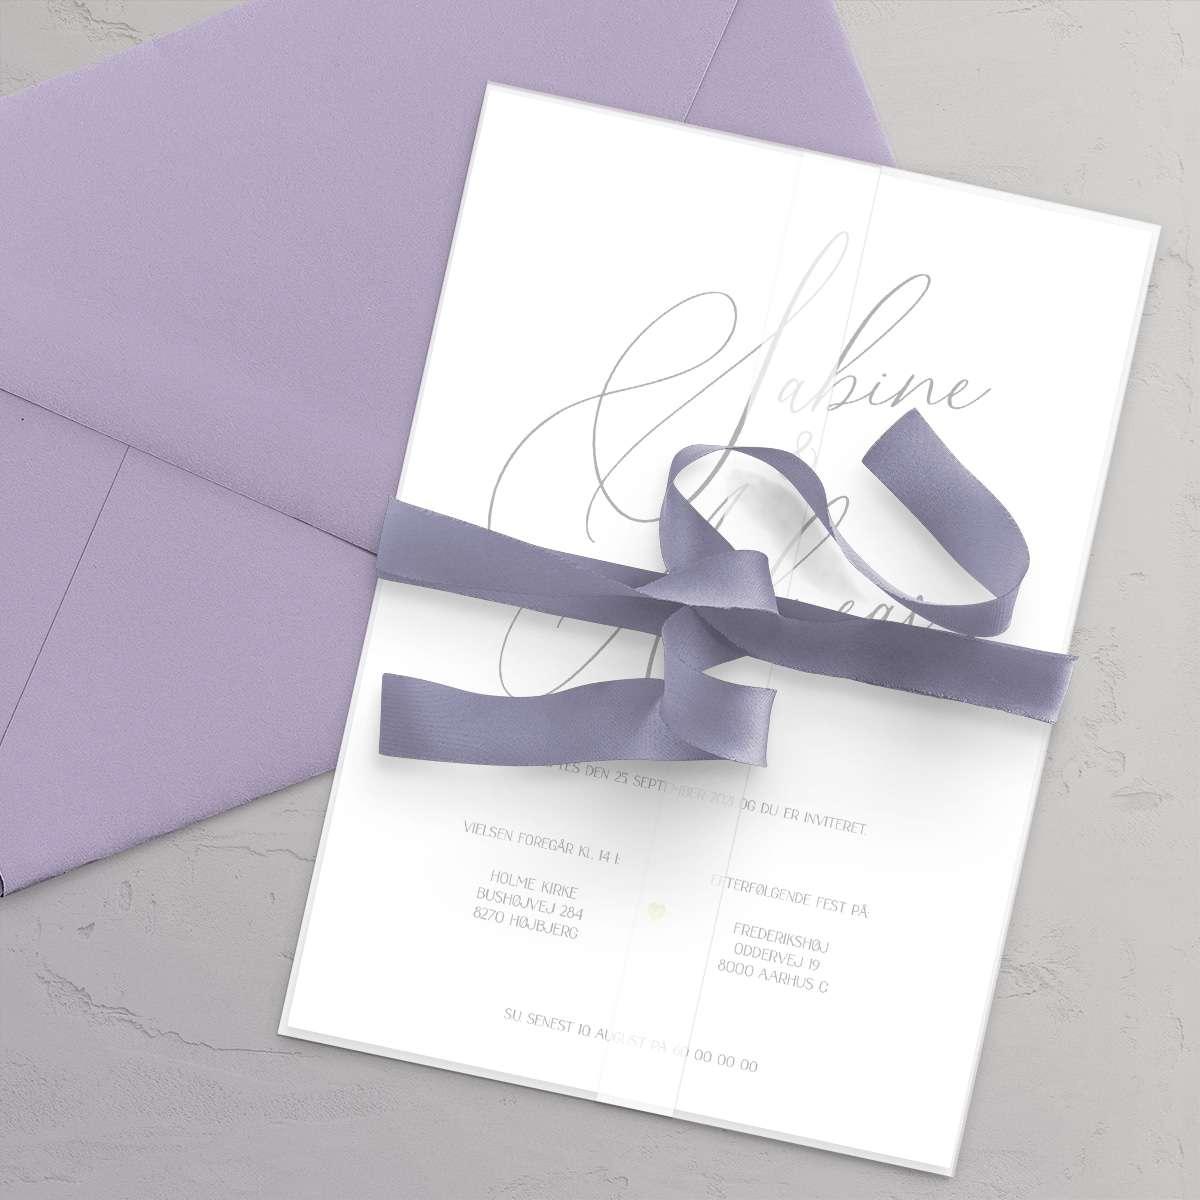 Bryllupsinvitation Calligraphy stylet med Trendfarve 2021 - Heirloom Lilac (lavendel / lilla) med satinbånd, vellumcover og lilla kuvert